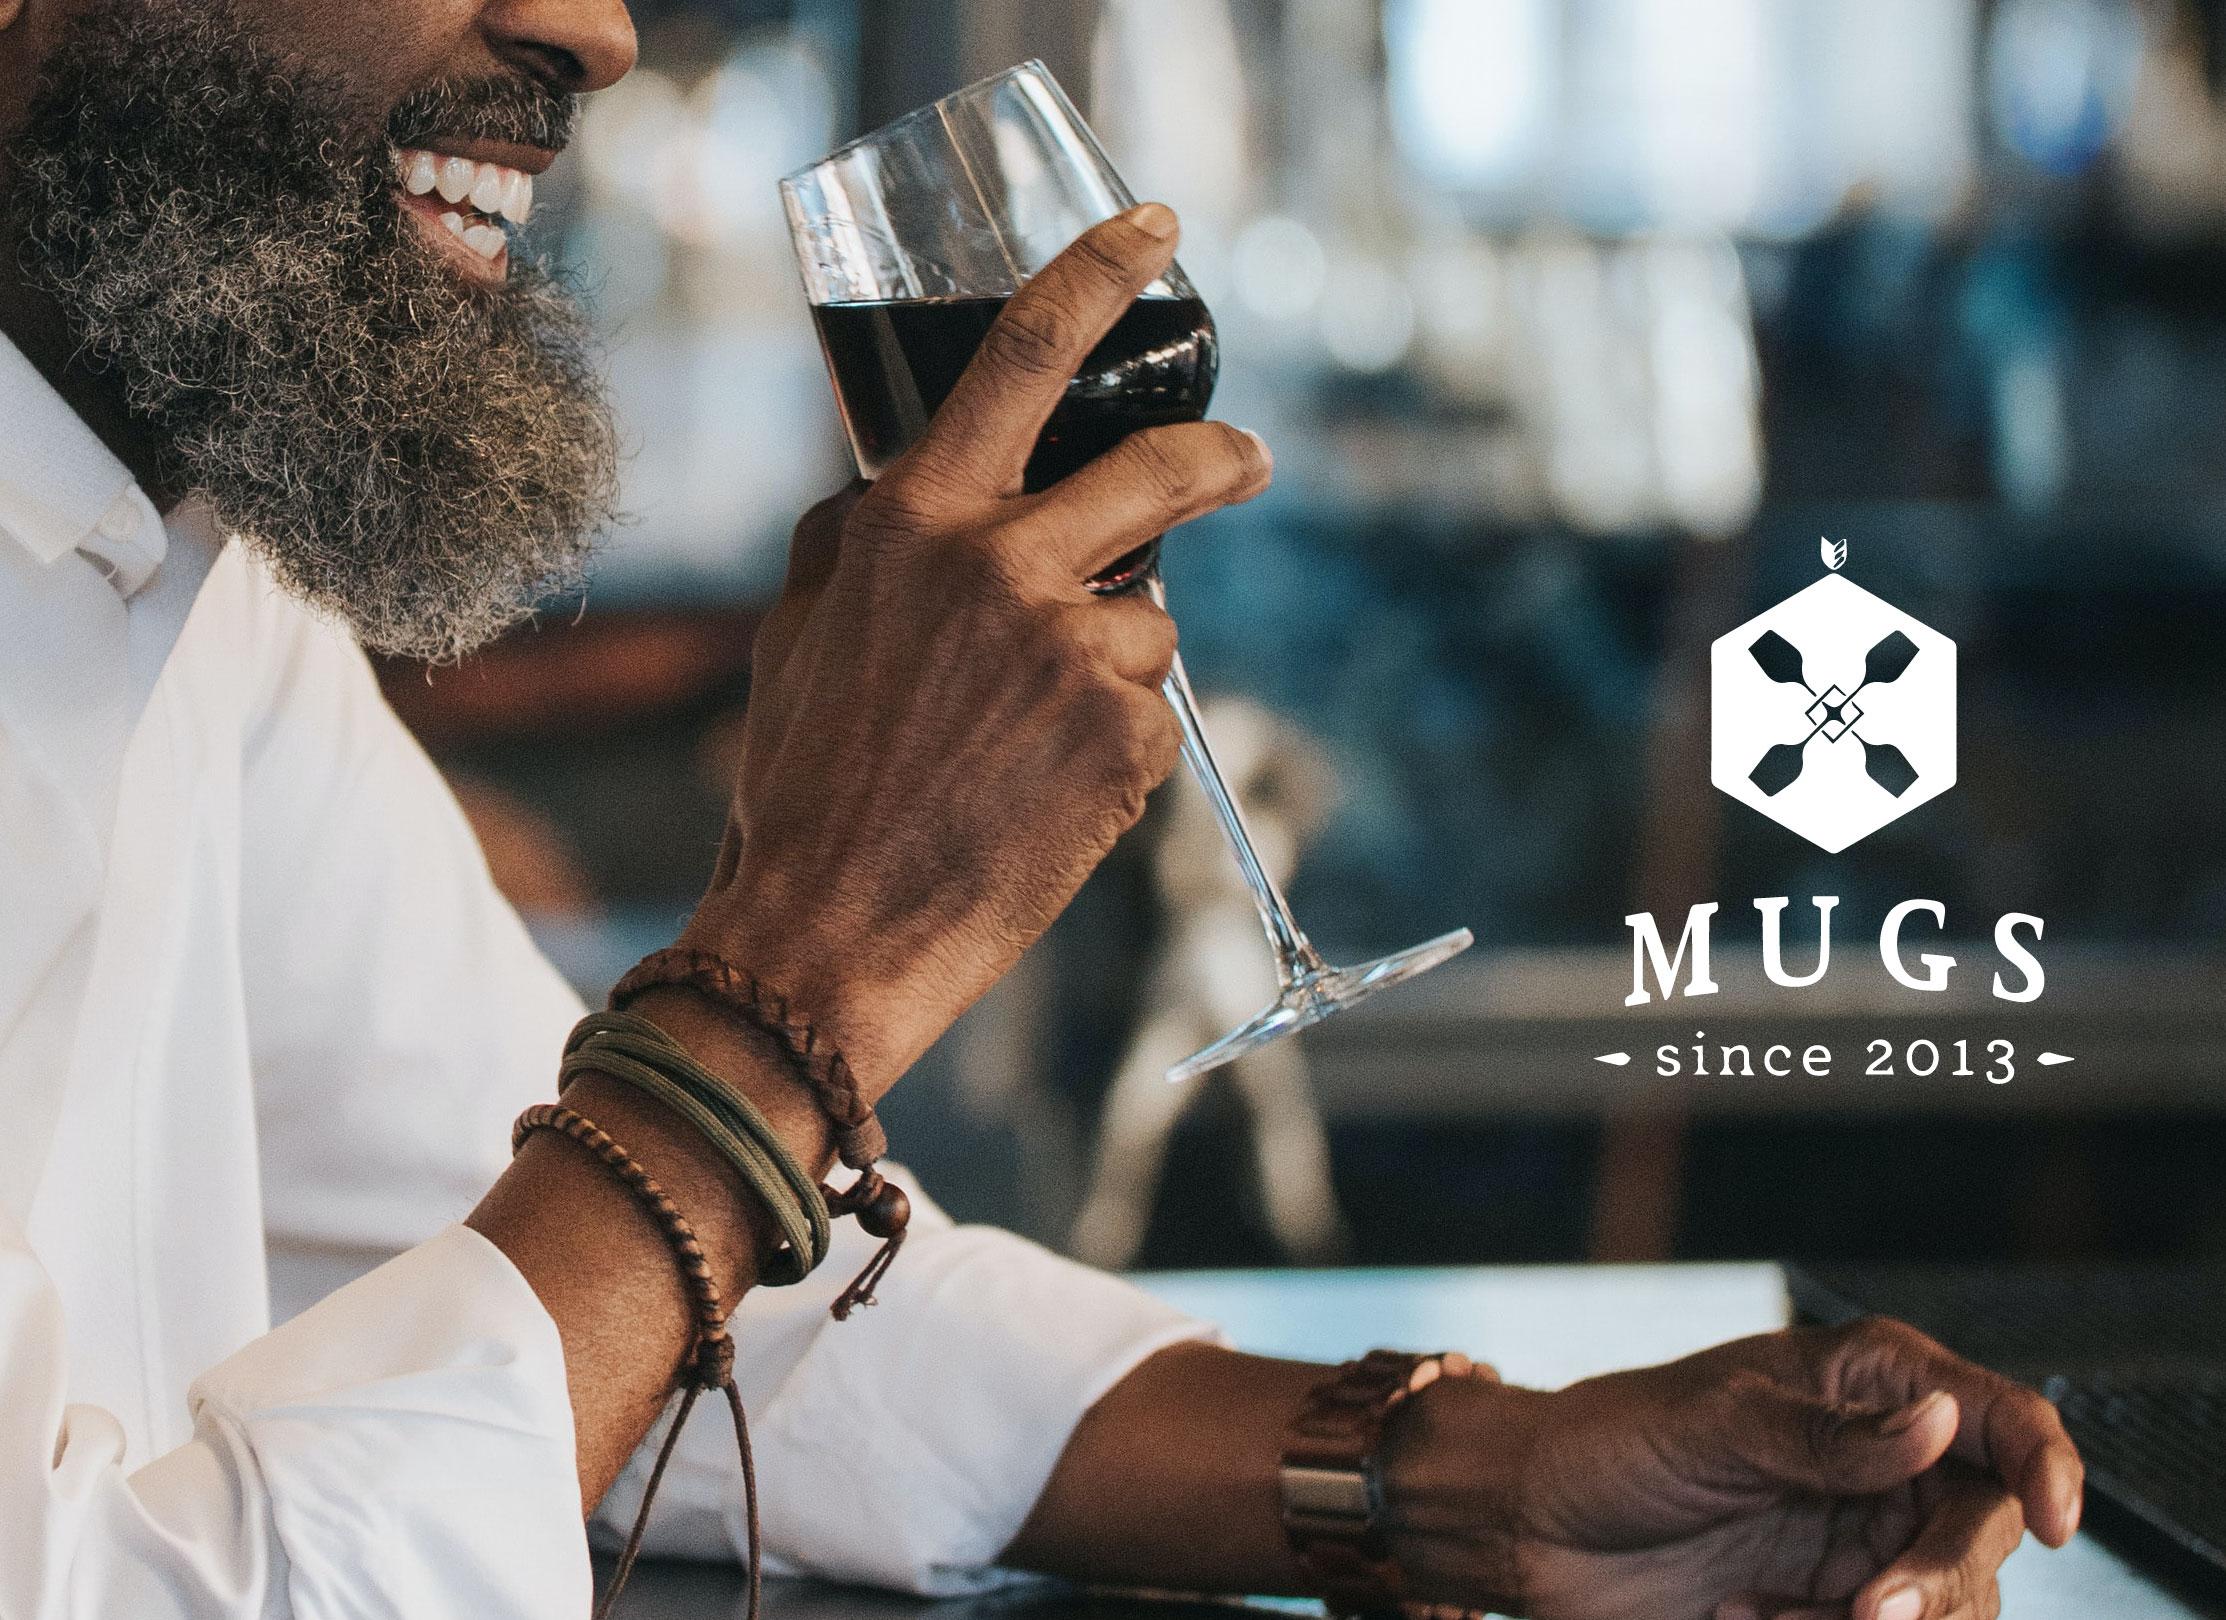 杯中物, Mugs, 澳門, 酒吧, 品牌定位, 品牌顧問, sam brandesign